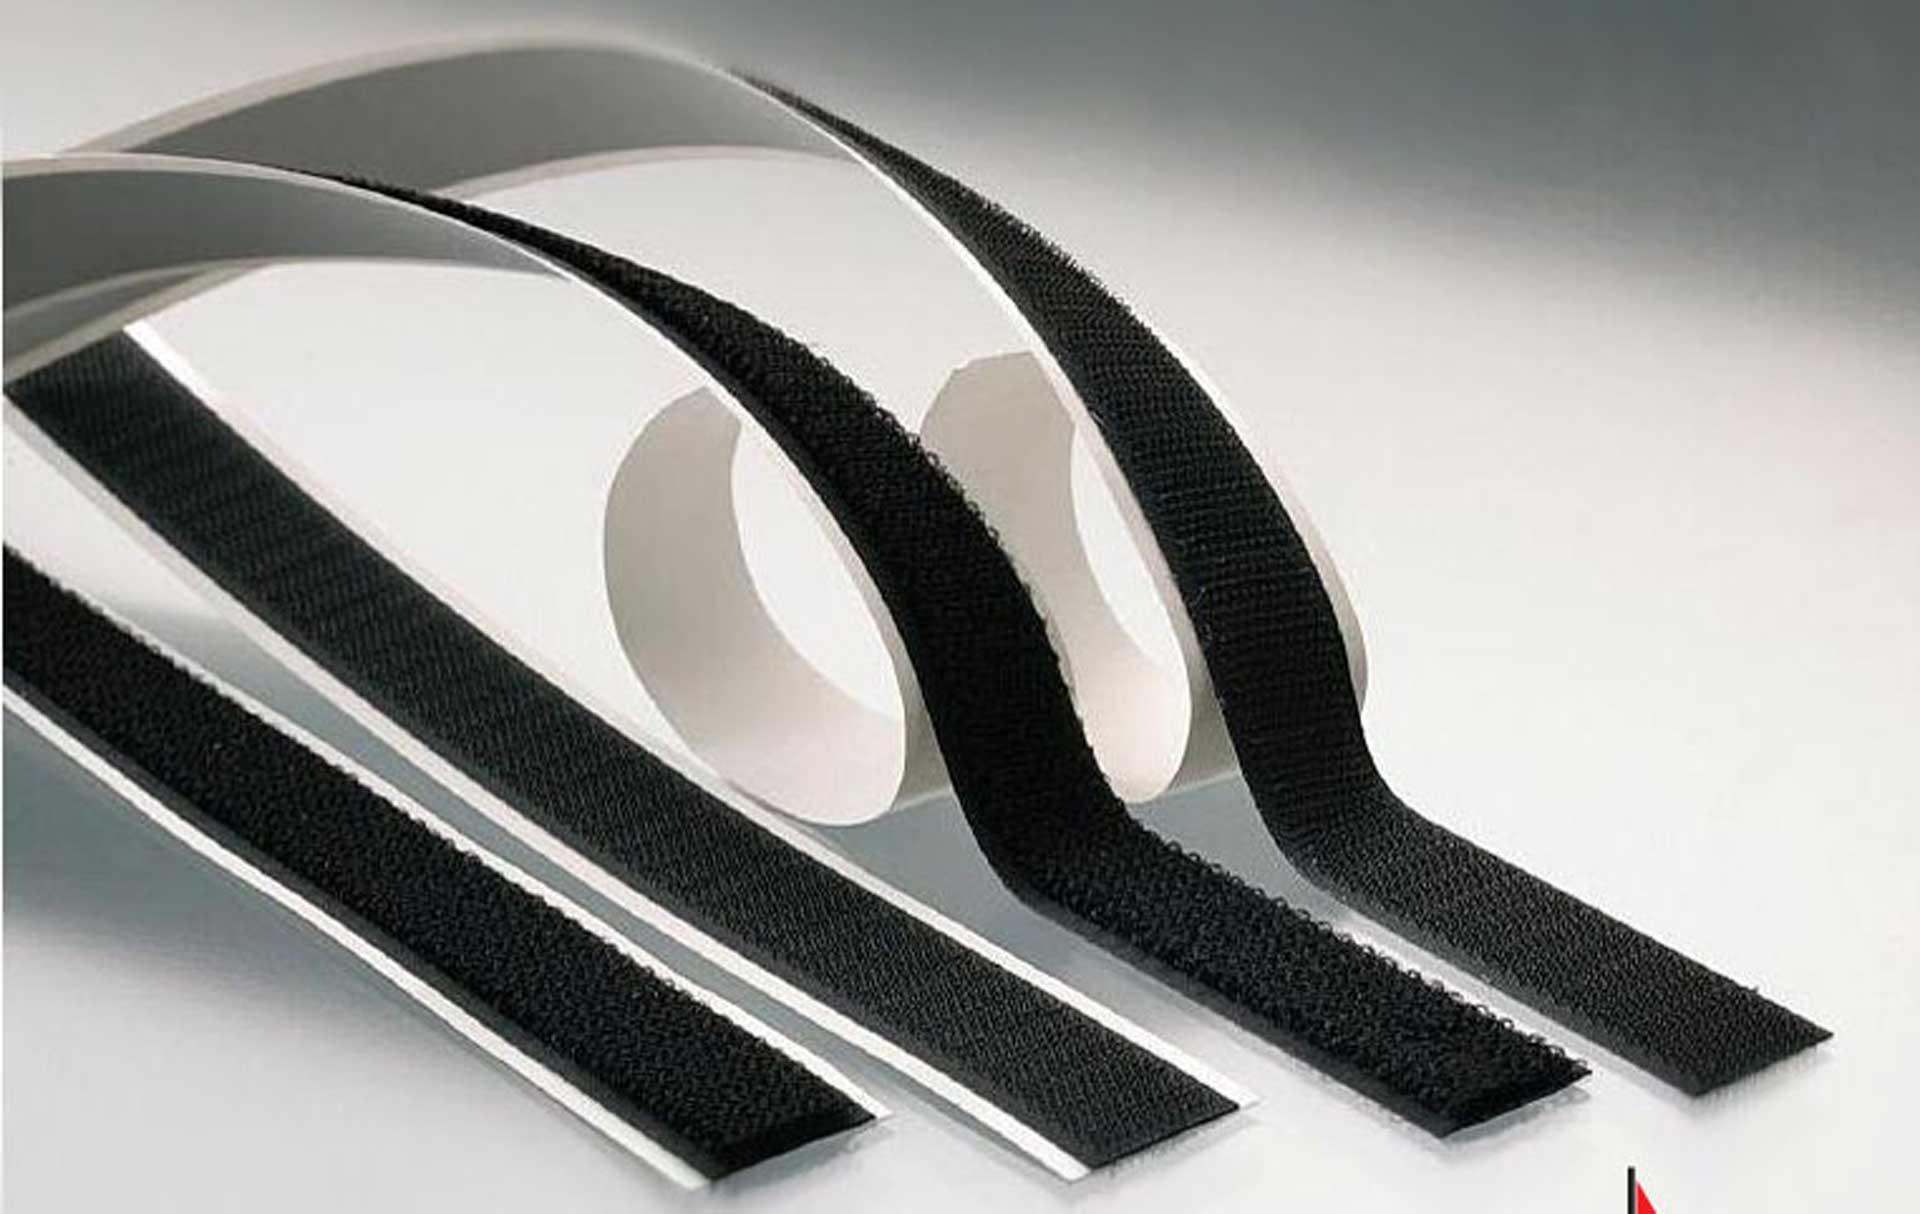 ROMARIN Klettband selbstklebend 4x0,5m (2Stk. Flausch- / 2Stk. Hackenband) 20mm Breite